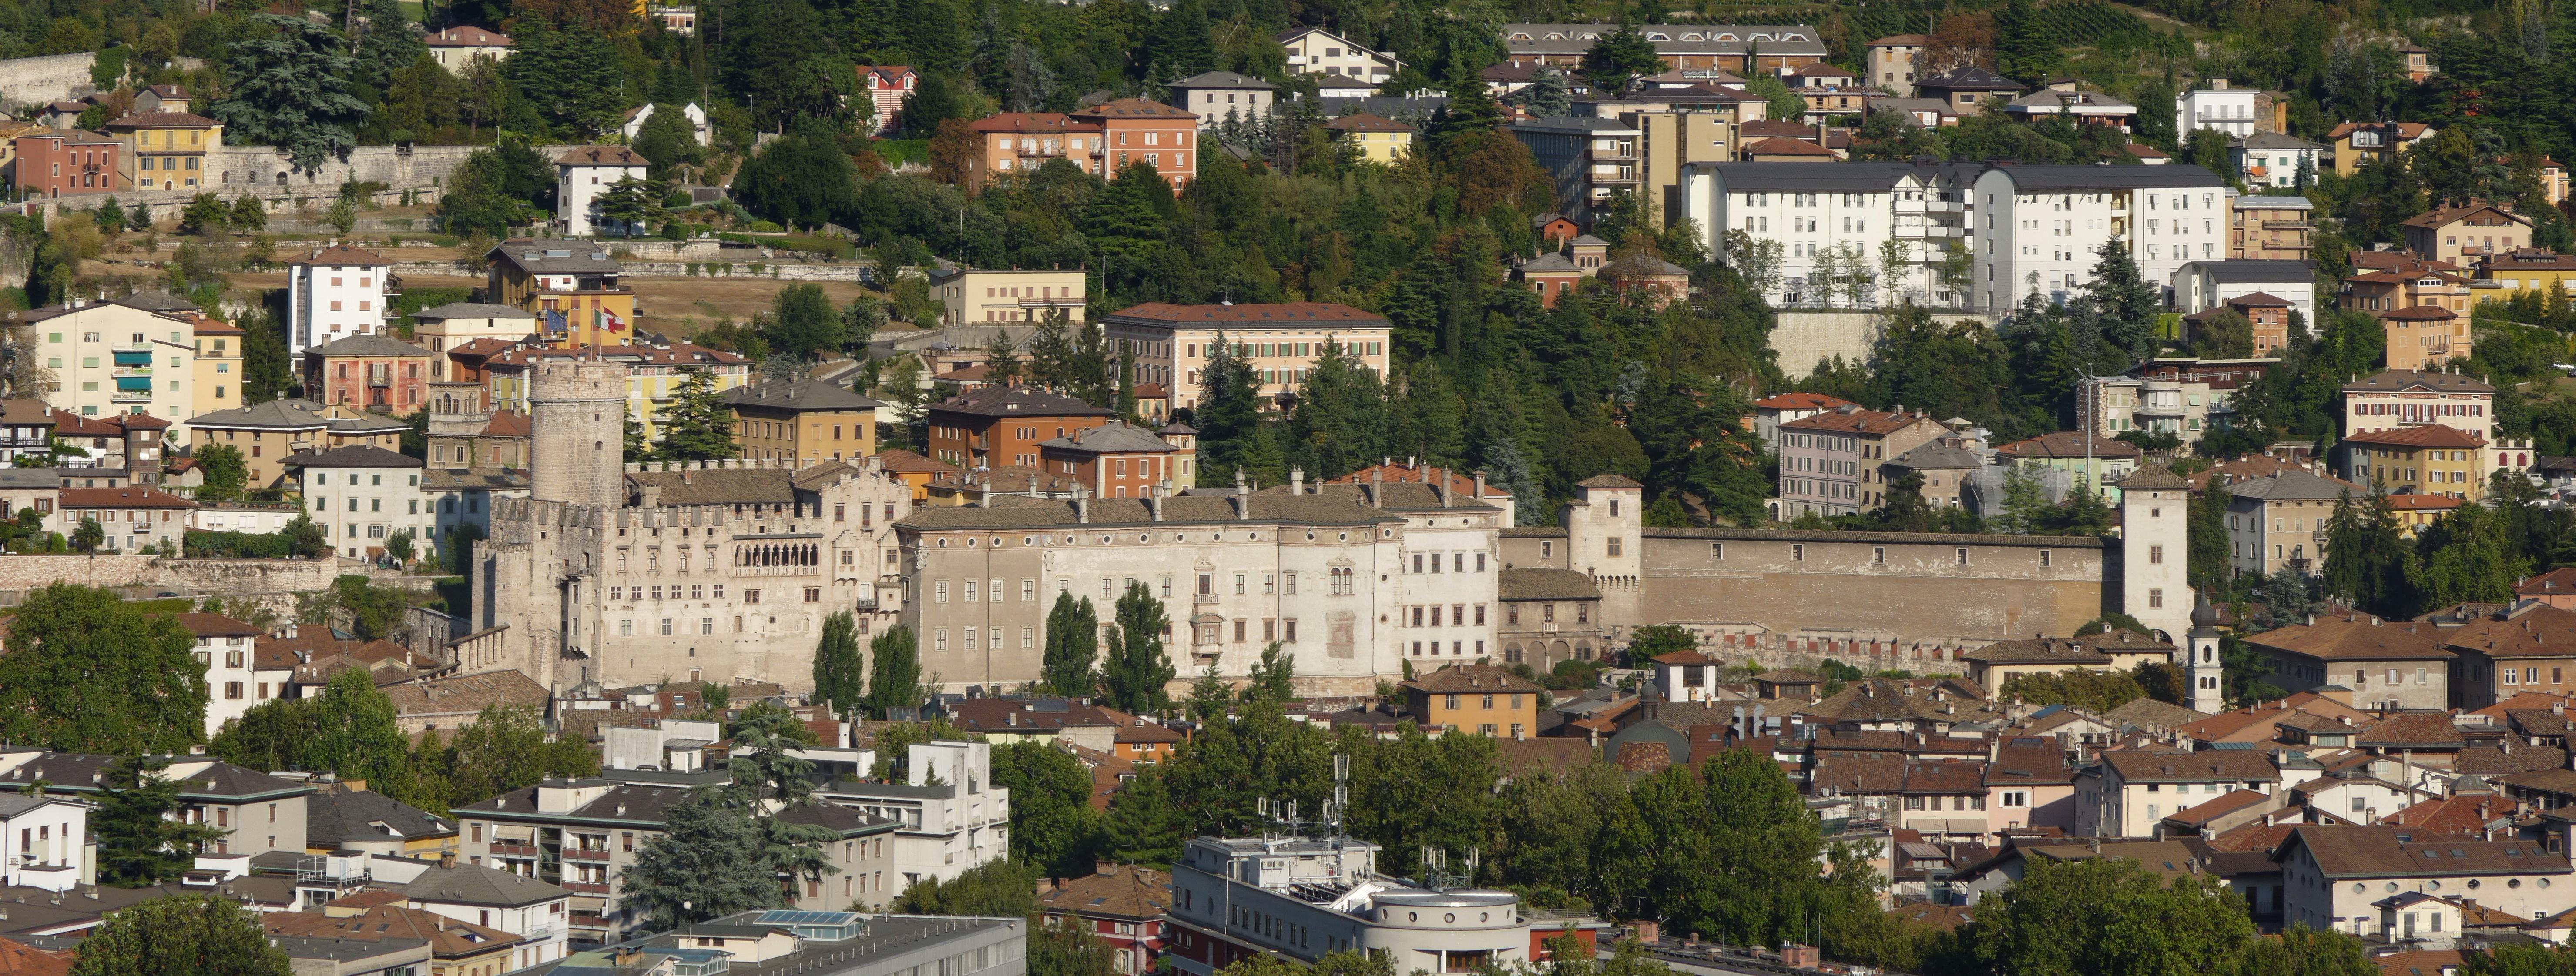 Historie medievali il castello del buonconsiglio - Finestre castelli medievali ...